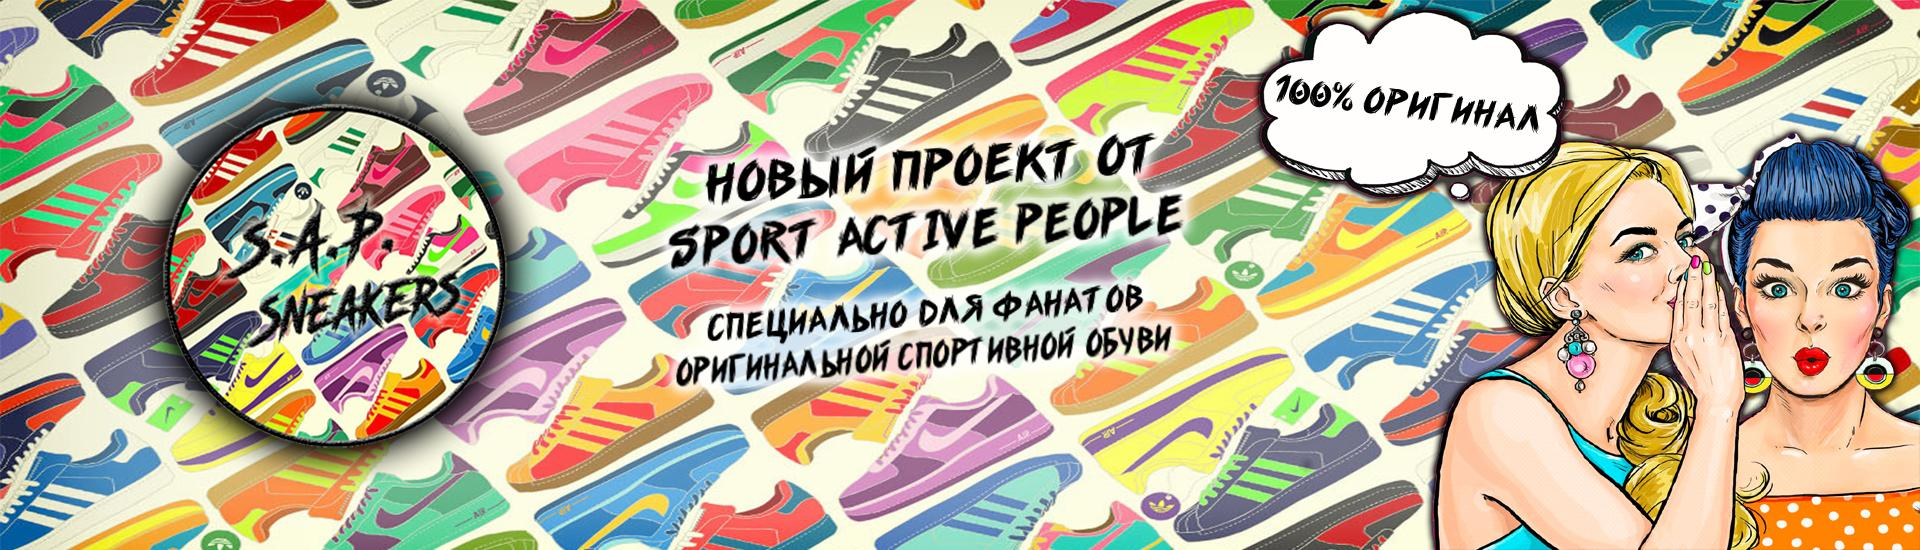 626f089a0 Интернет-магазин спортивной одежды и обуви - SportActivePeople